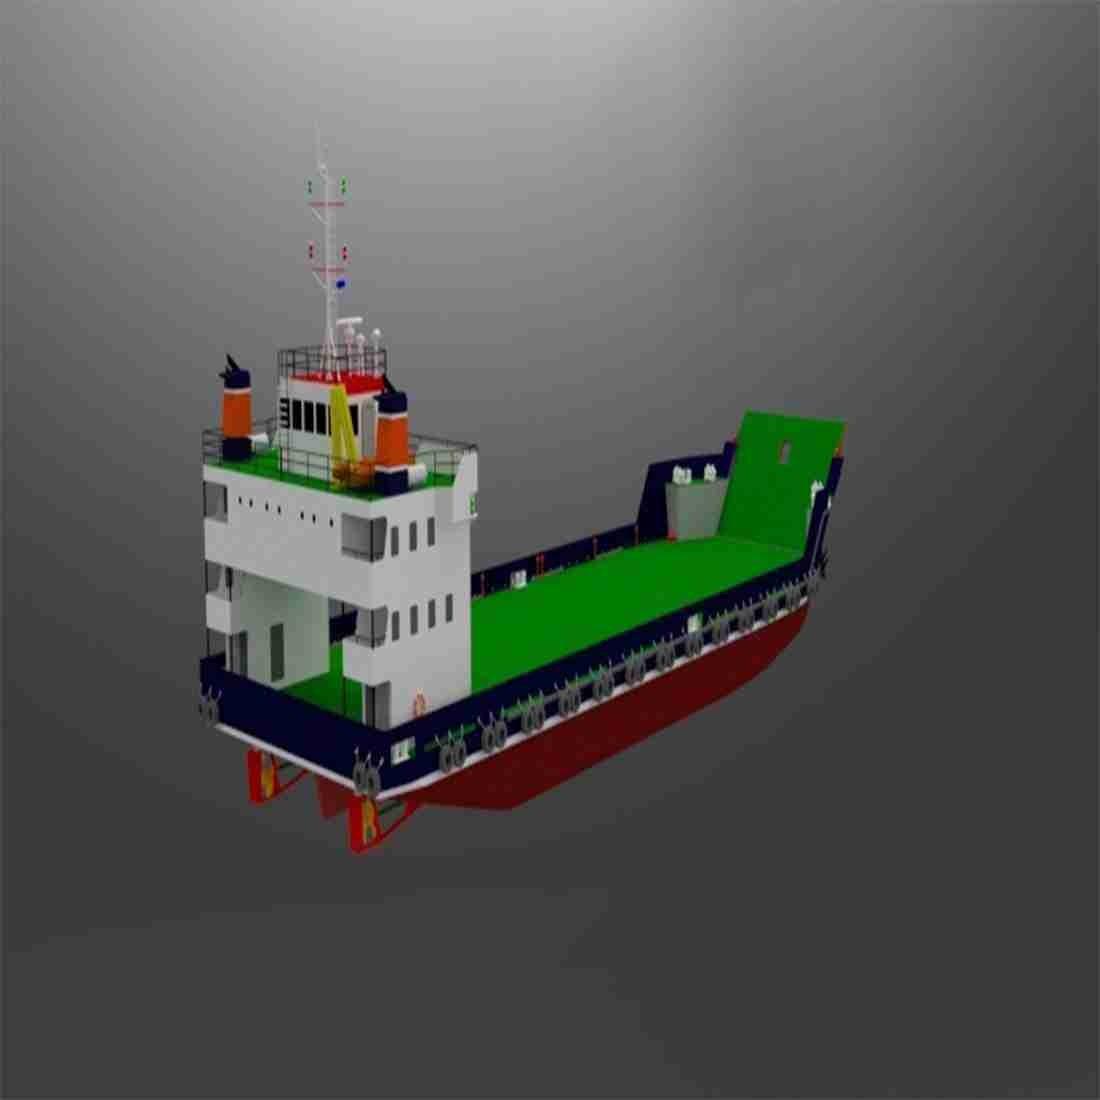 طراحی و ساخت لندینگ کرافت 50 متری( GT:497 )